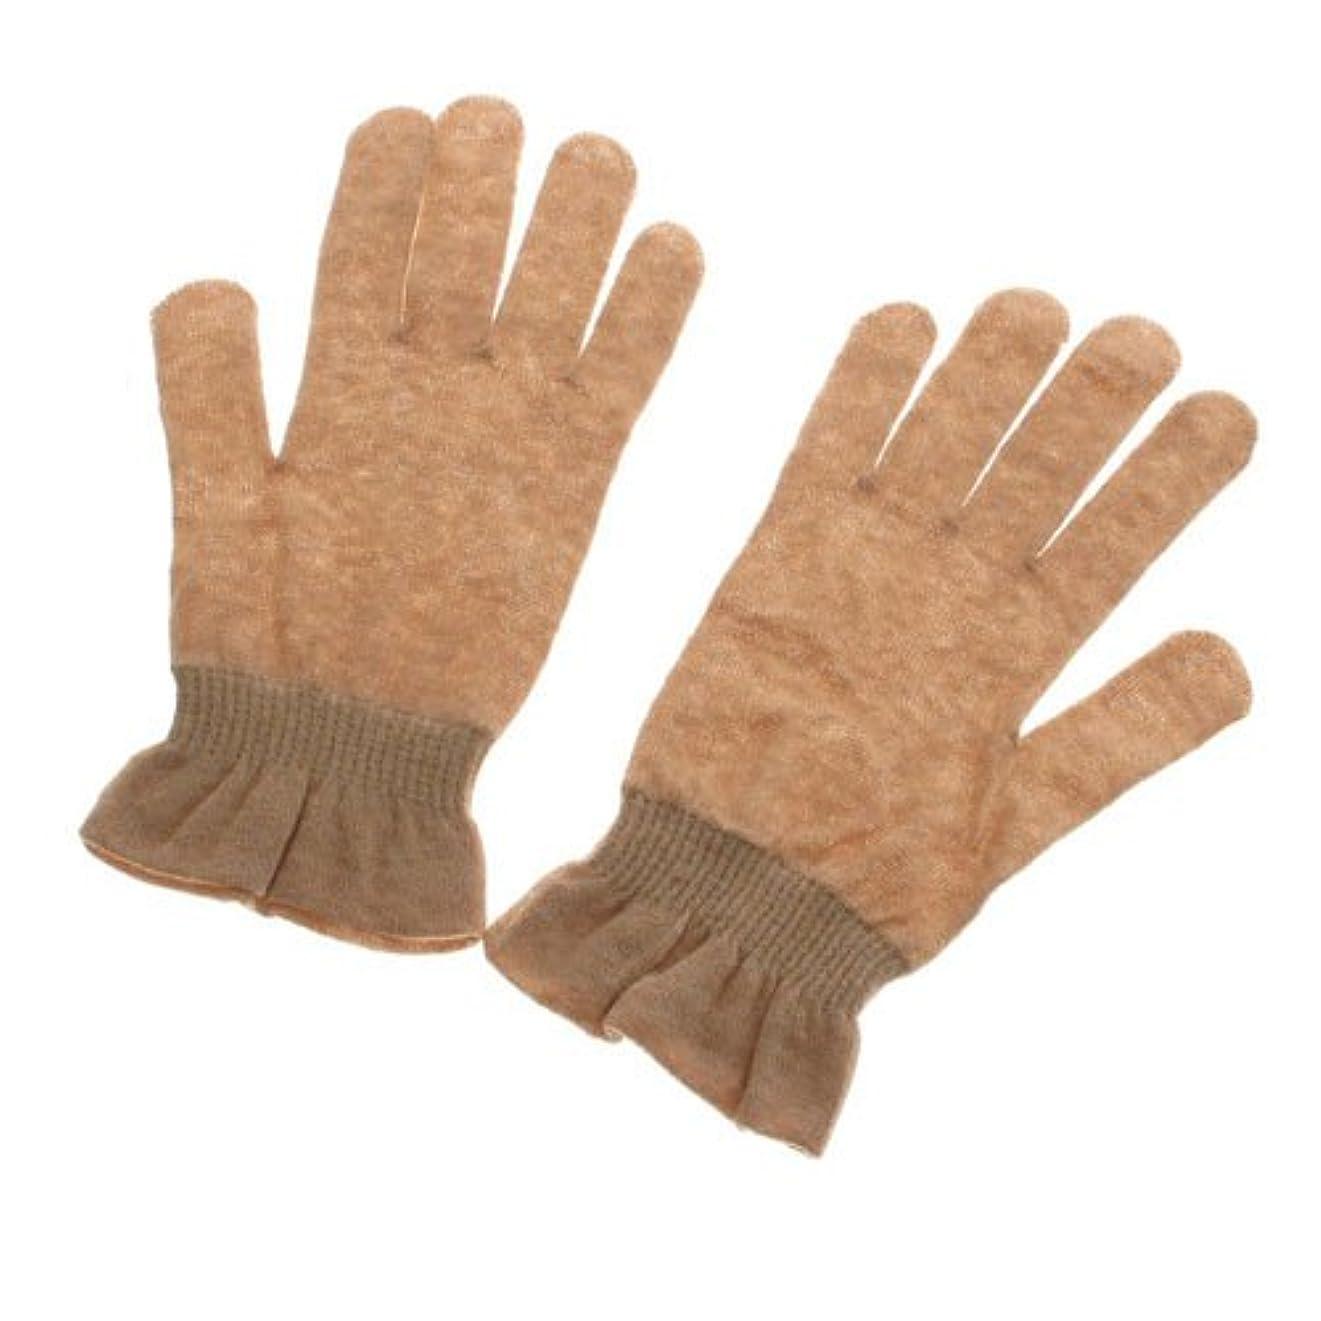 ノイズ発生バケツオーガニックコットン天衣無縫 UVカット手袋?エステ ブラウン フリー